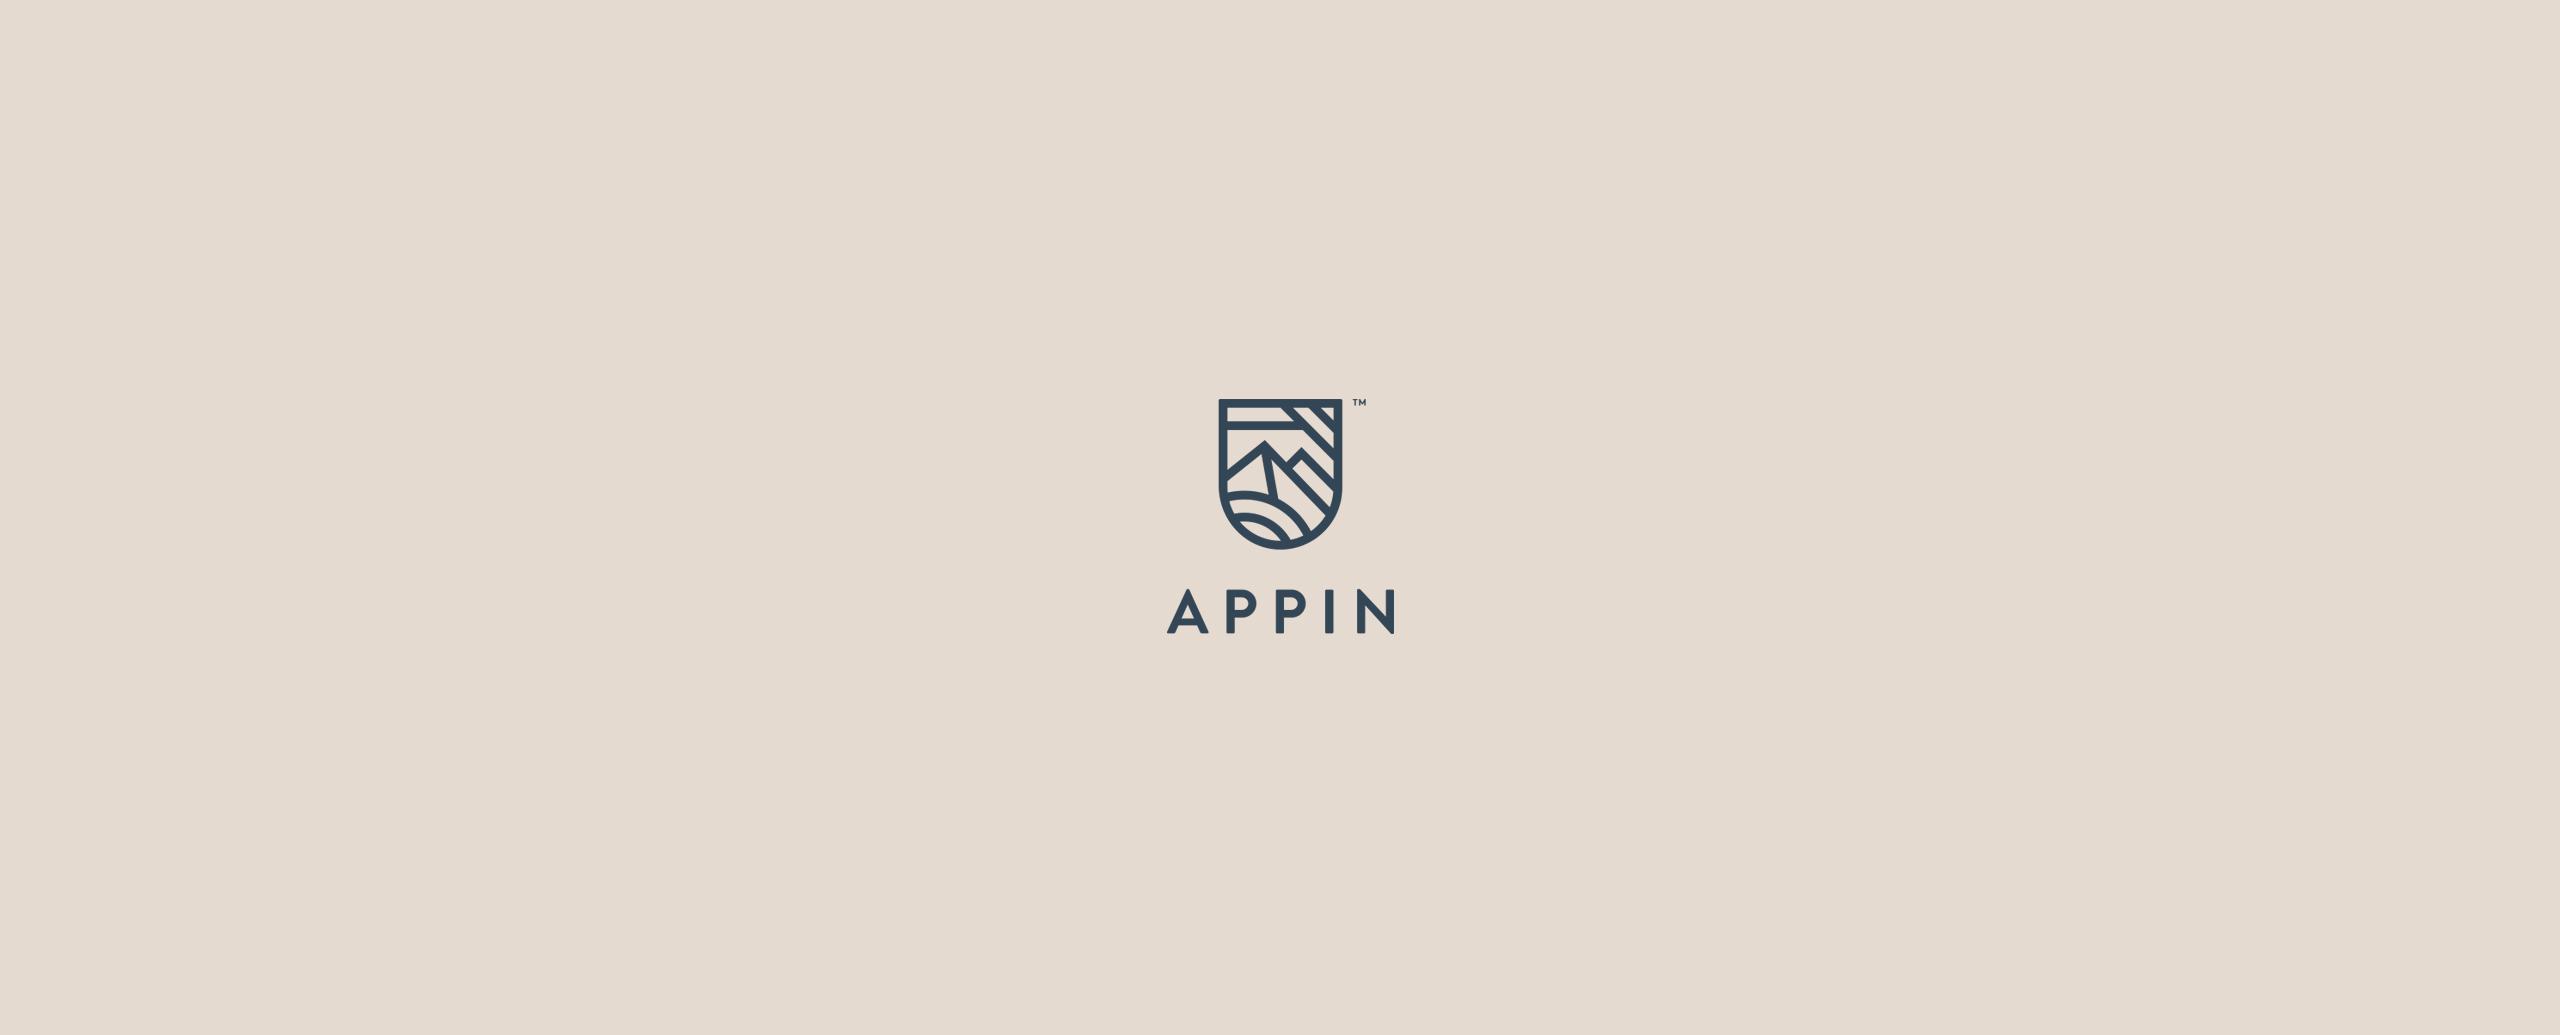 Appin_Header